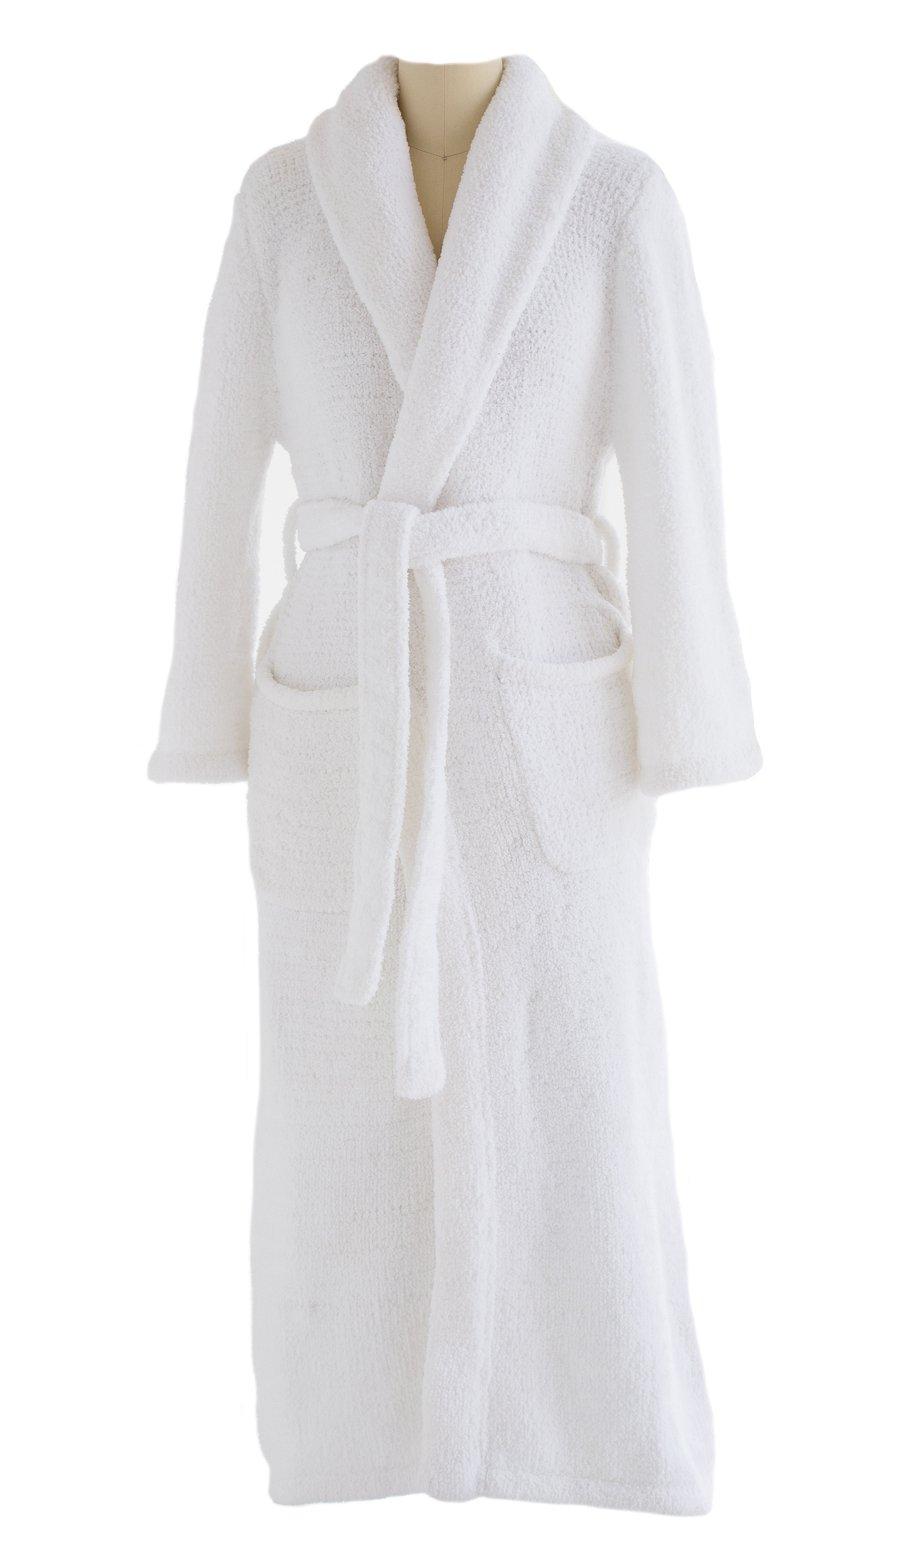 Plush Tresaro Chenille Bathrobe - Super-soft, Warm & Cozy Microfiber Robe Perfect for Women and Men - WHITE - Small/Medium